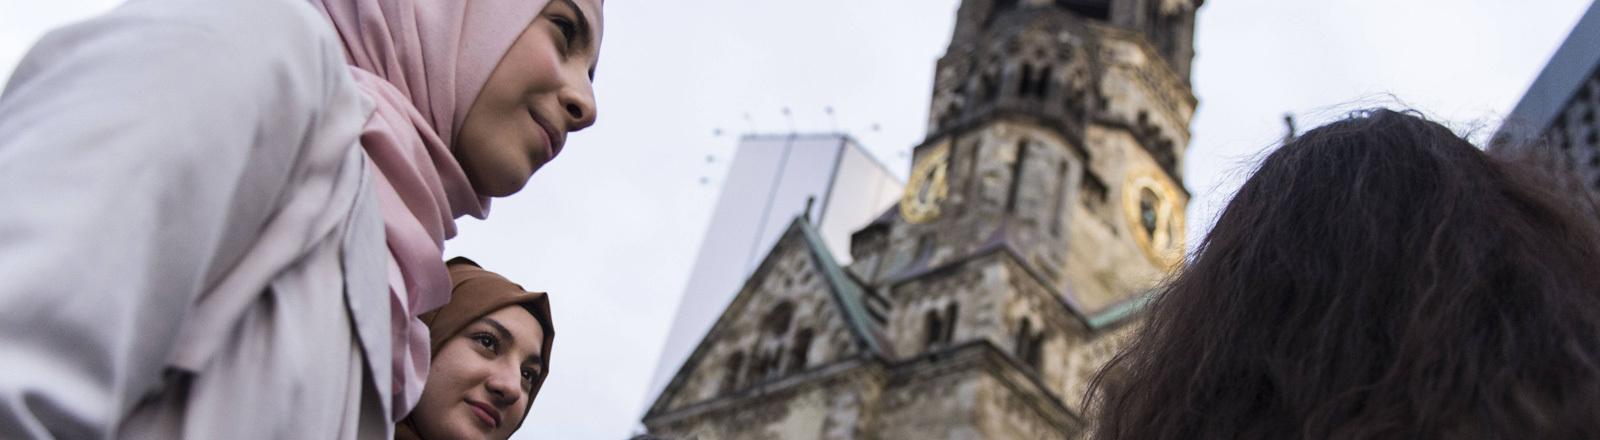 Muslime, Christen und Juden demonstrieren gemeinsam für Toleranz in Berlin 16.03.2017